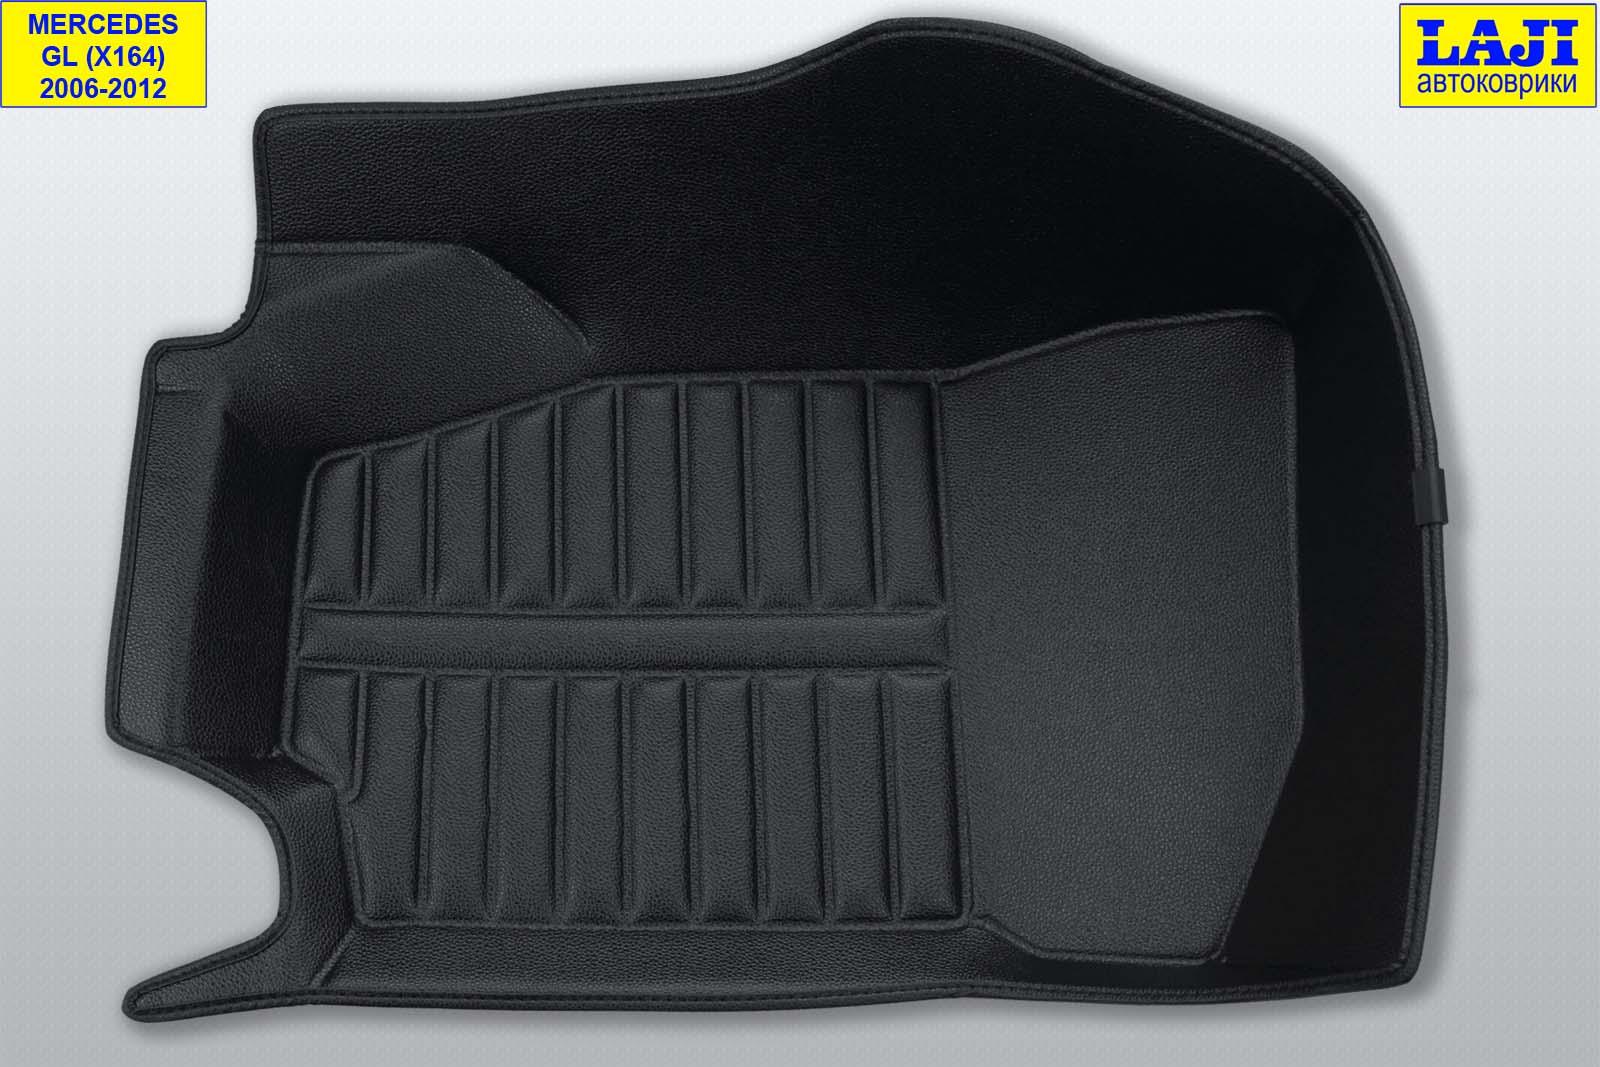 5D коврики в салон Mercedes GL X164 2006-2012 4